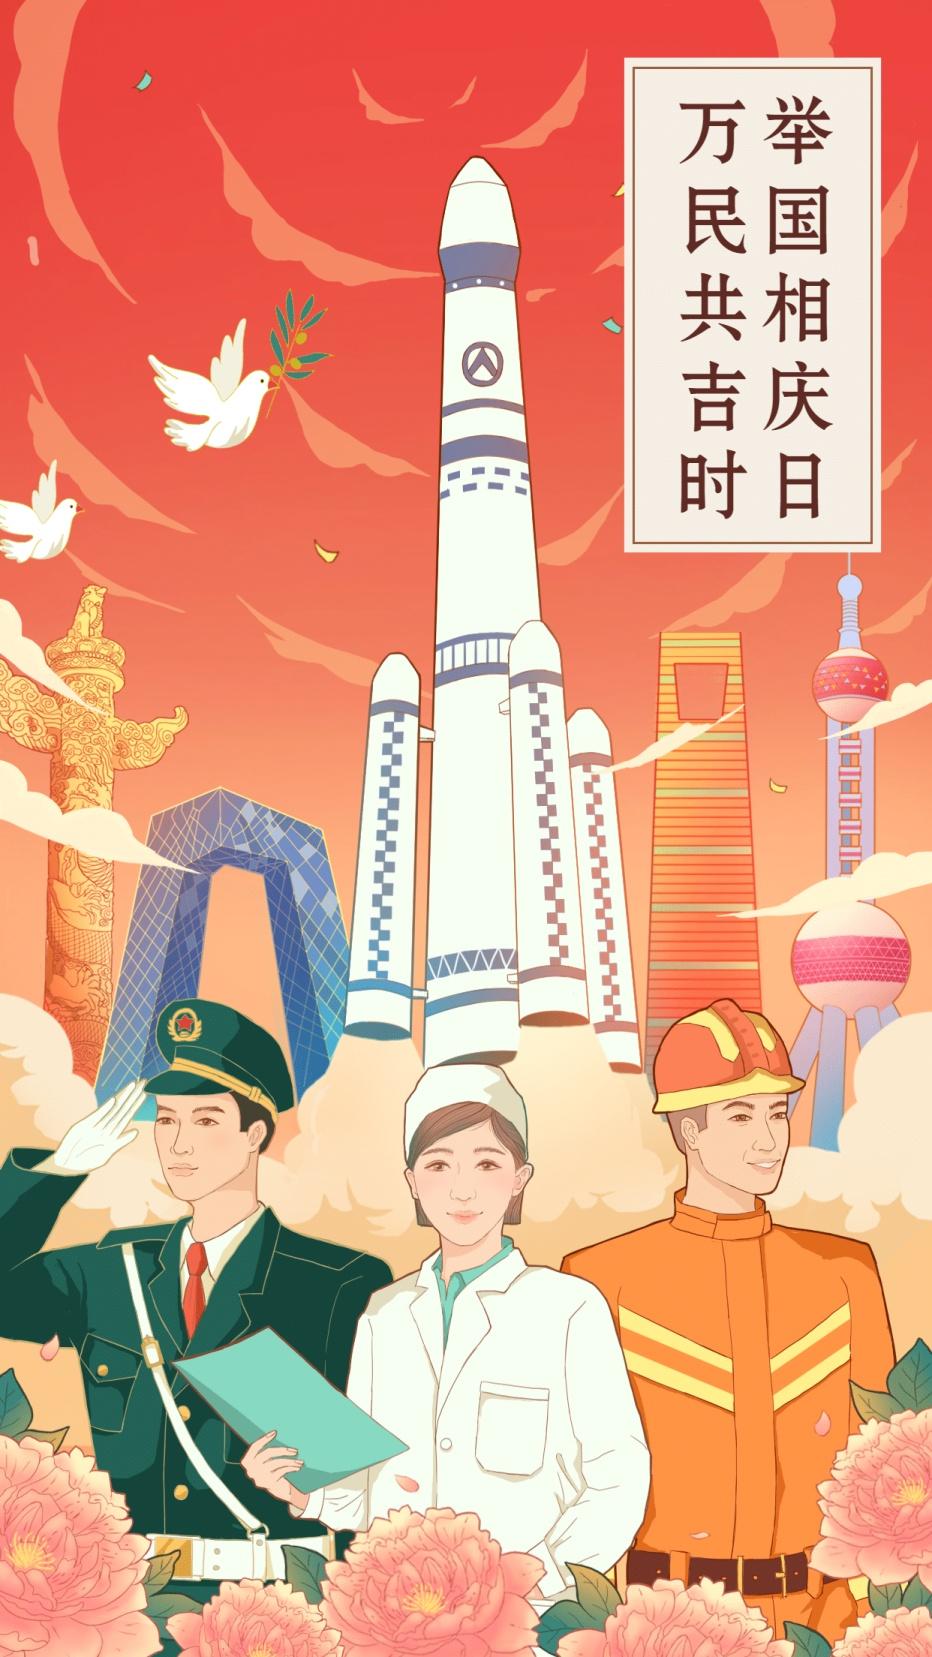 国庆节祝福插画手机海报